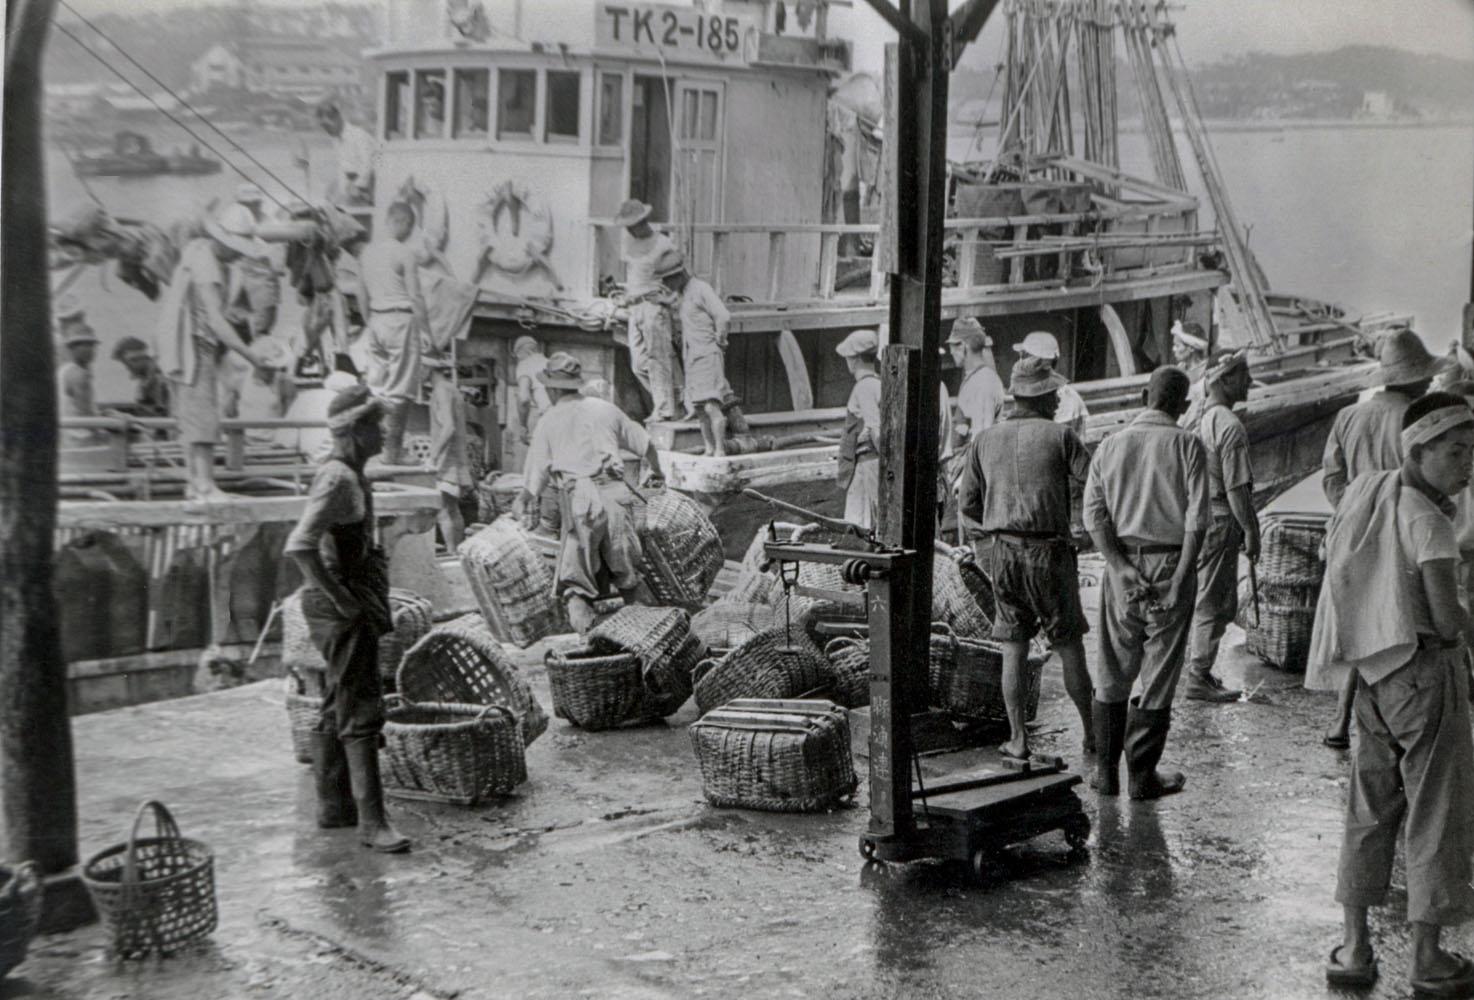 128-Unloading Fishing Boat